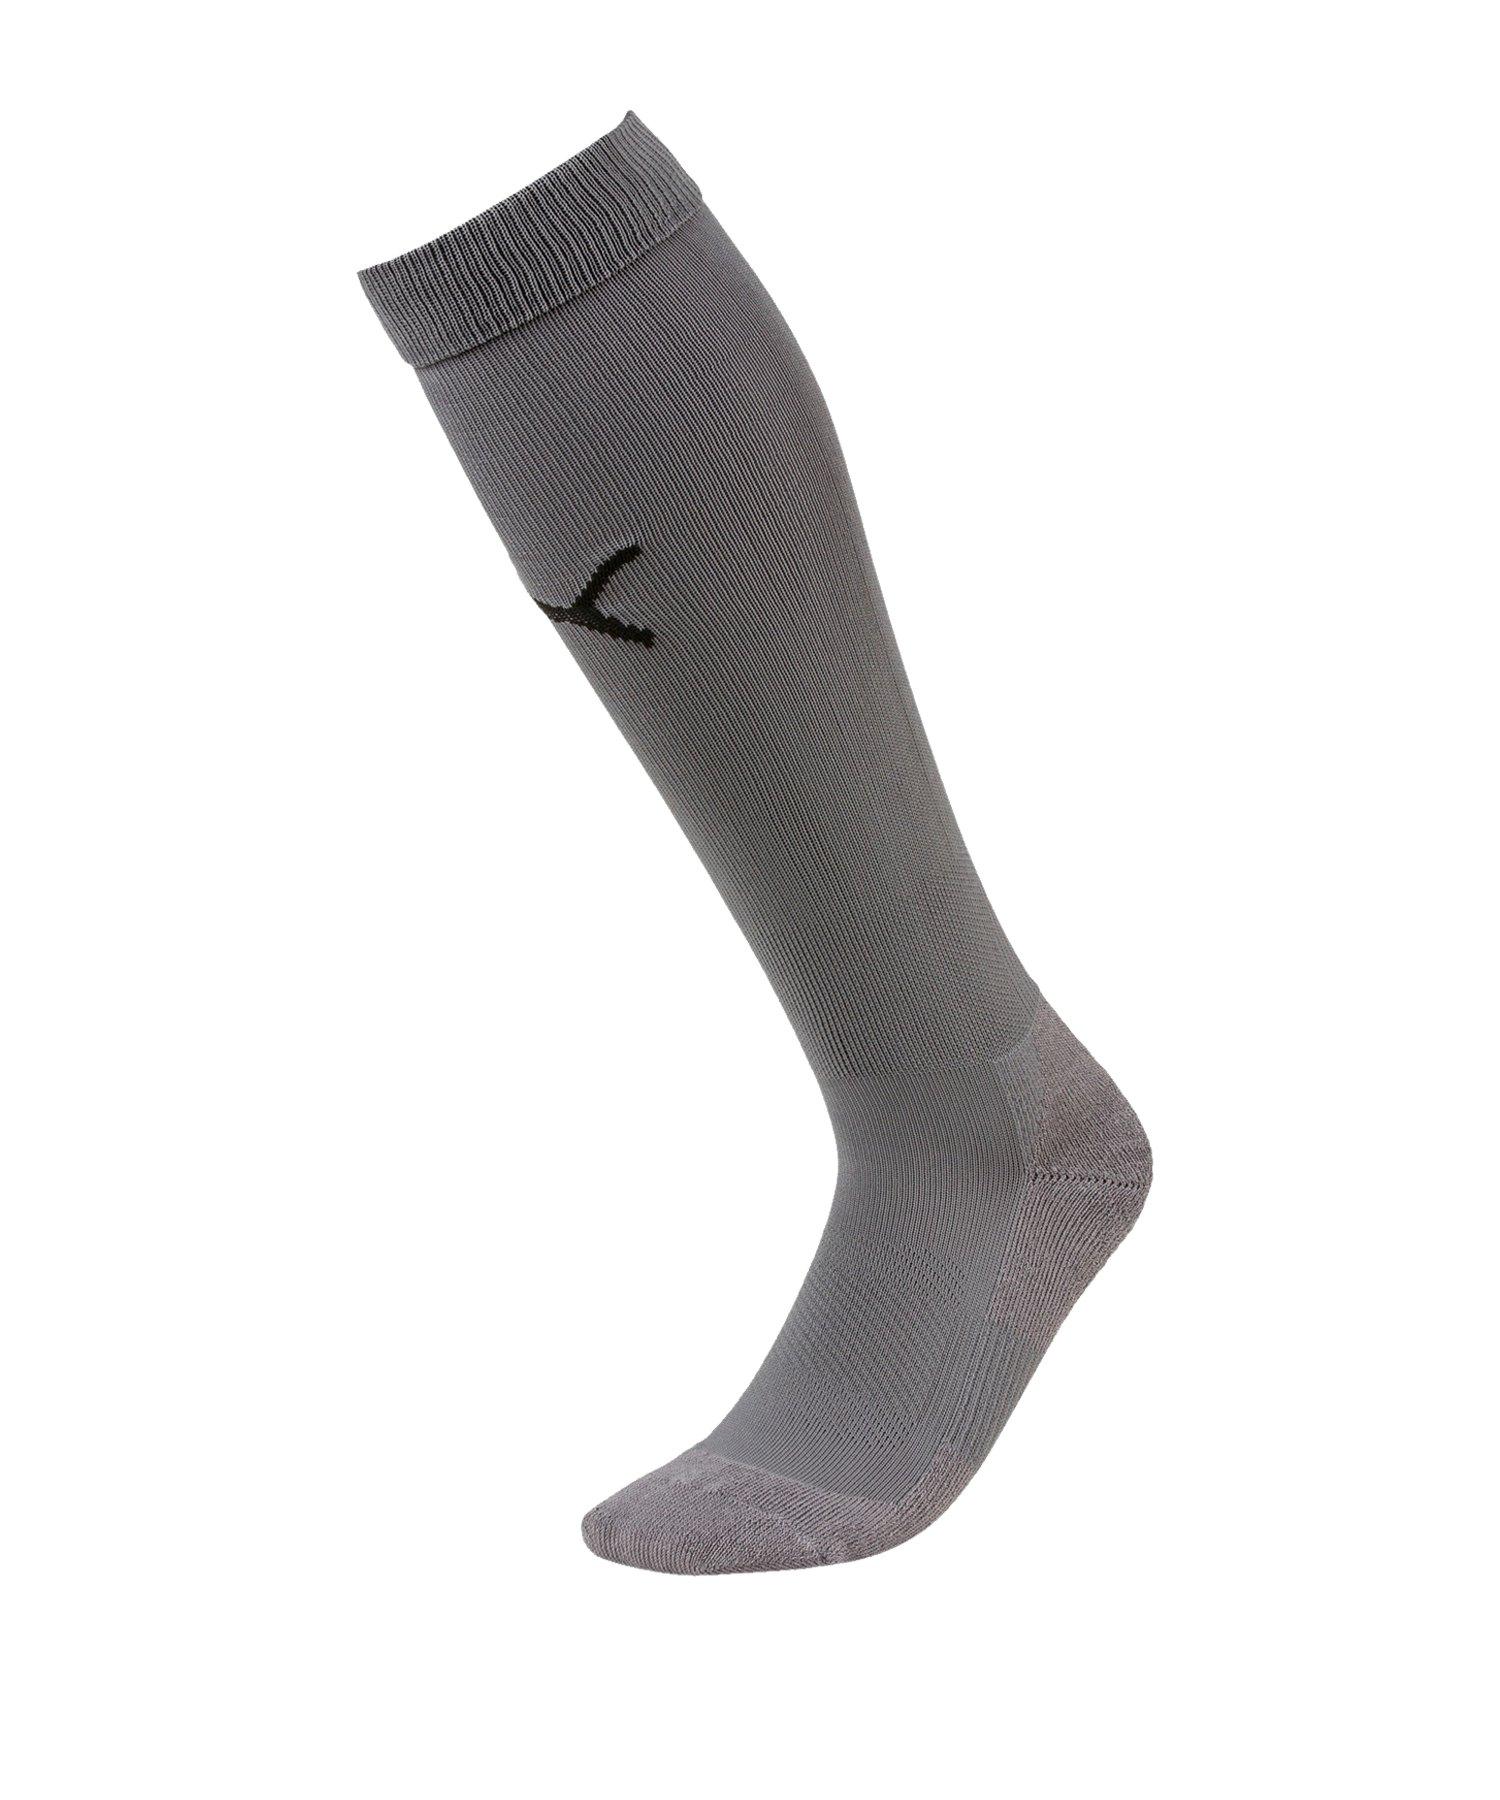 PUMA LIGA Socks Core Stutzenstrumpf Grau F13 - grau